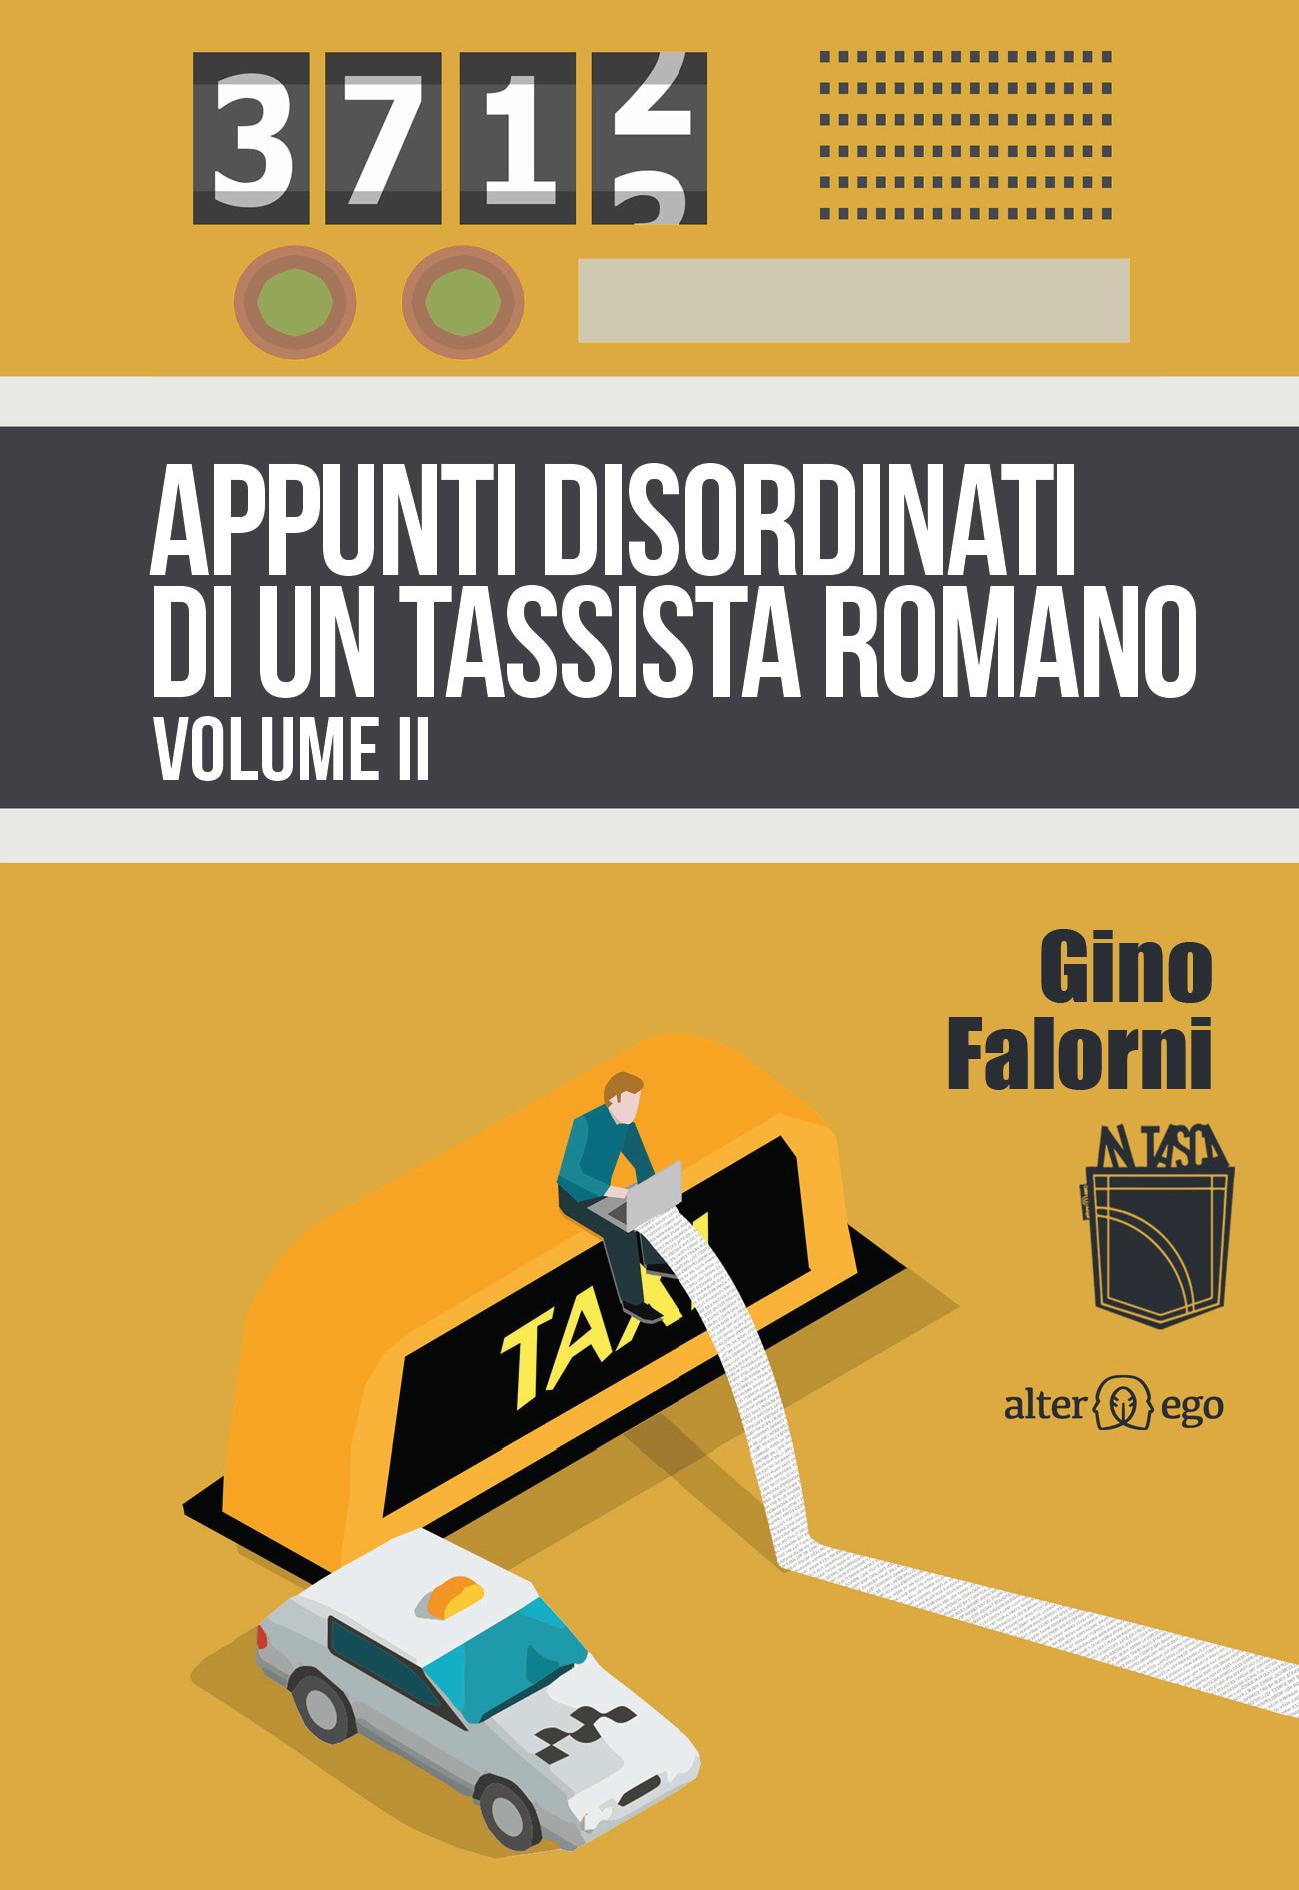 Appunti disordinati di un tassista romano volume II